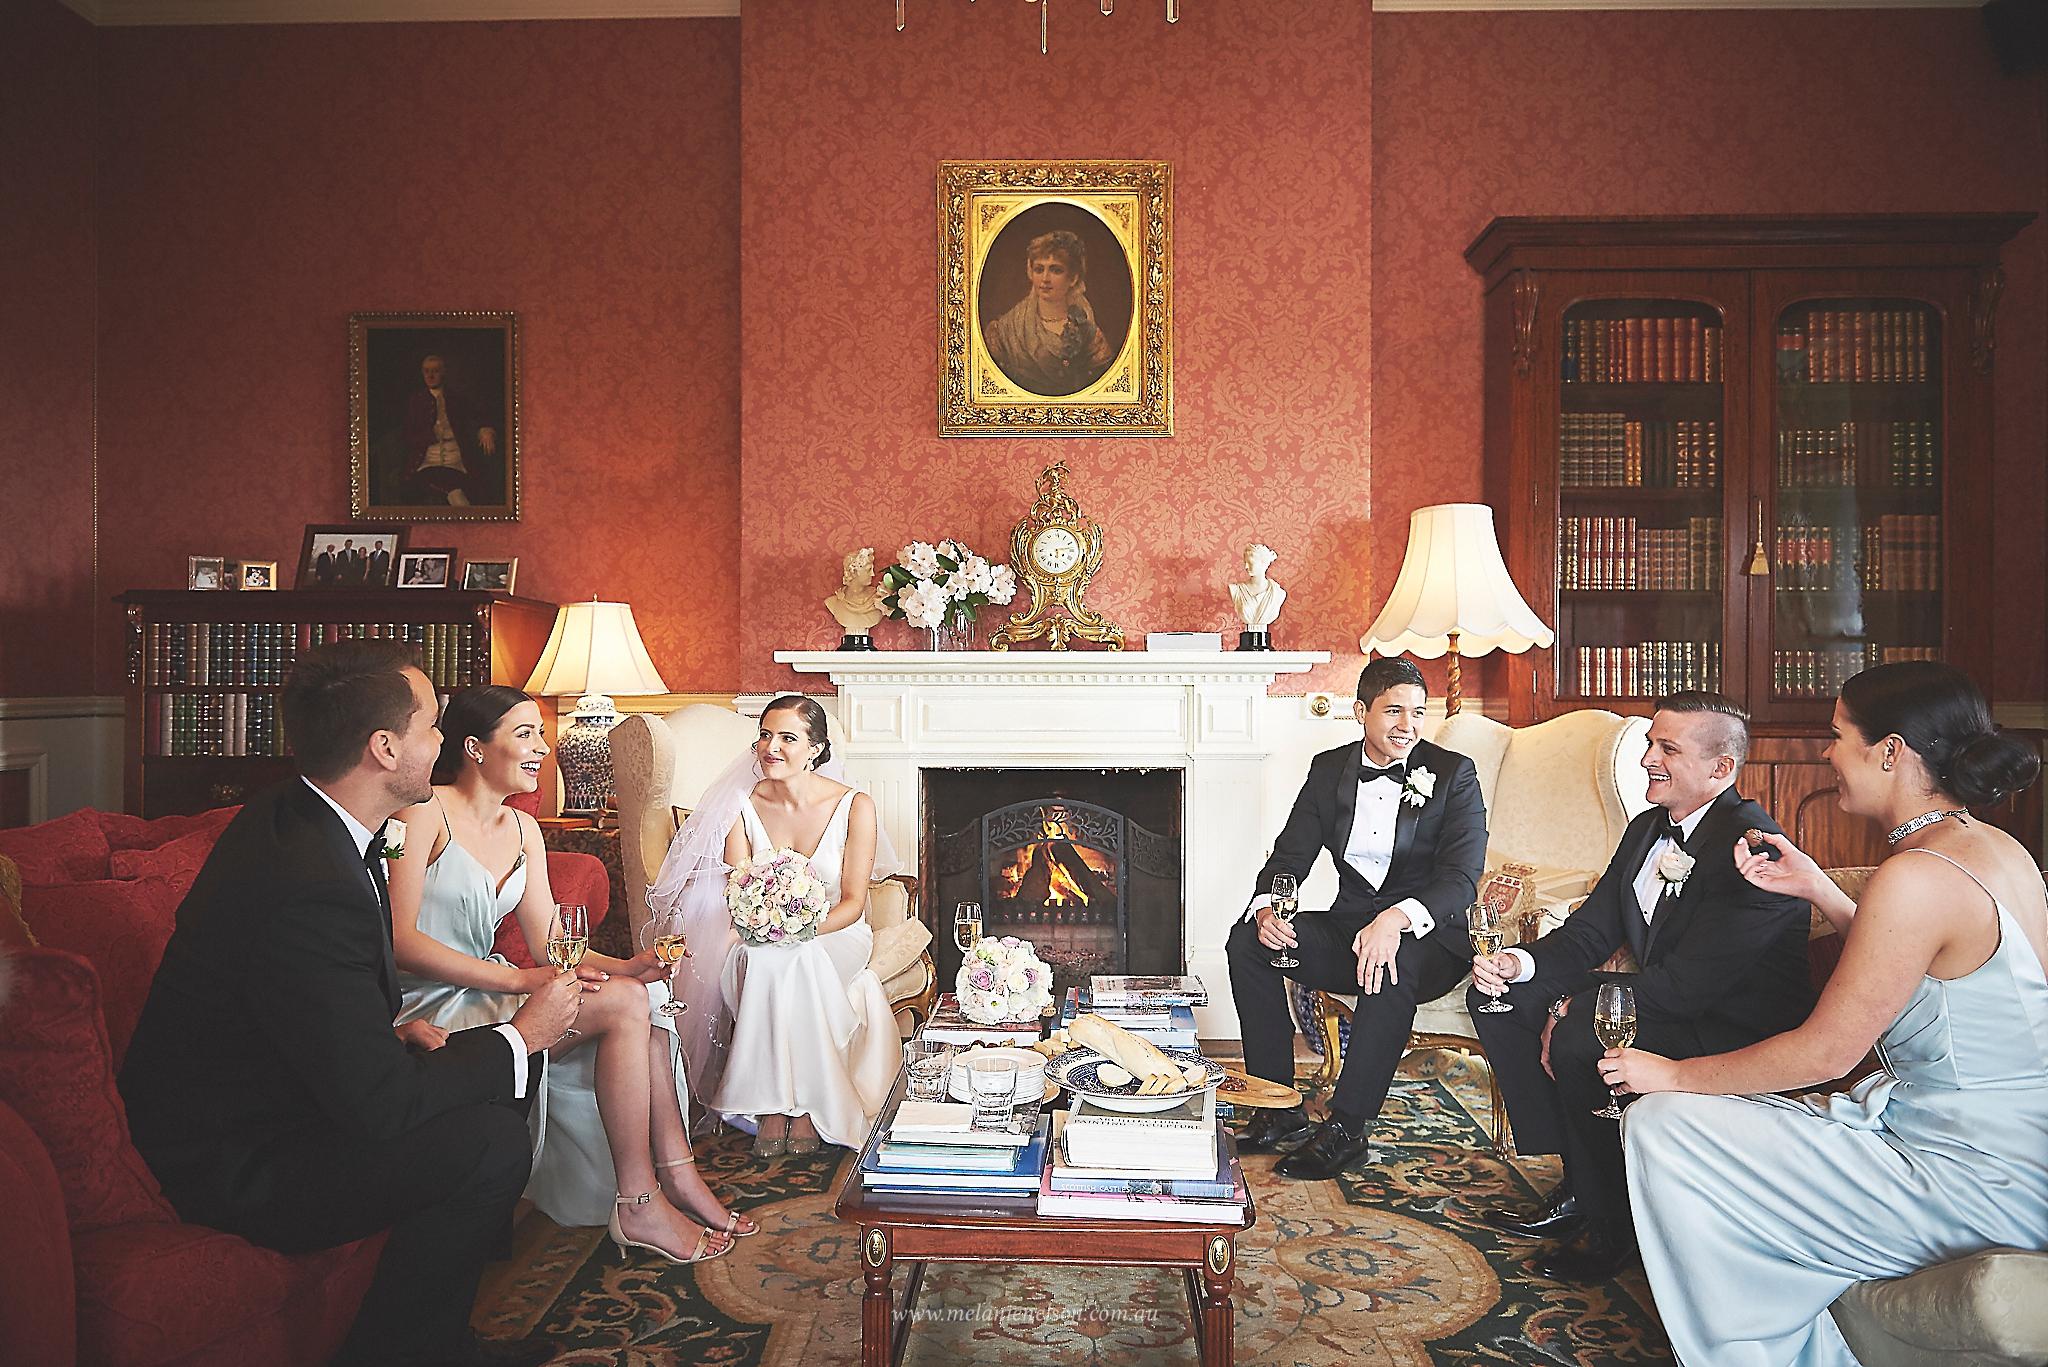 adelaide_hills_wedding_photography_0008.jpg